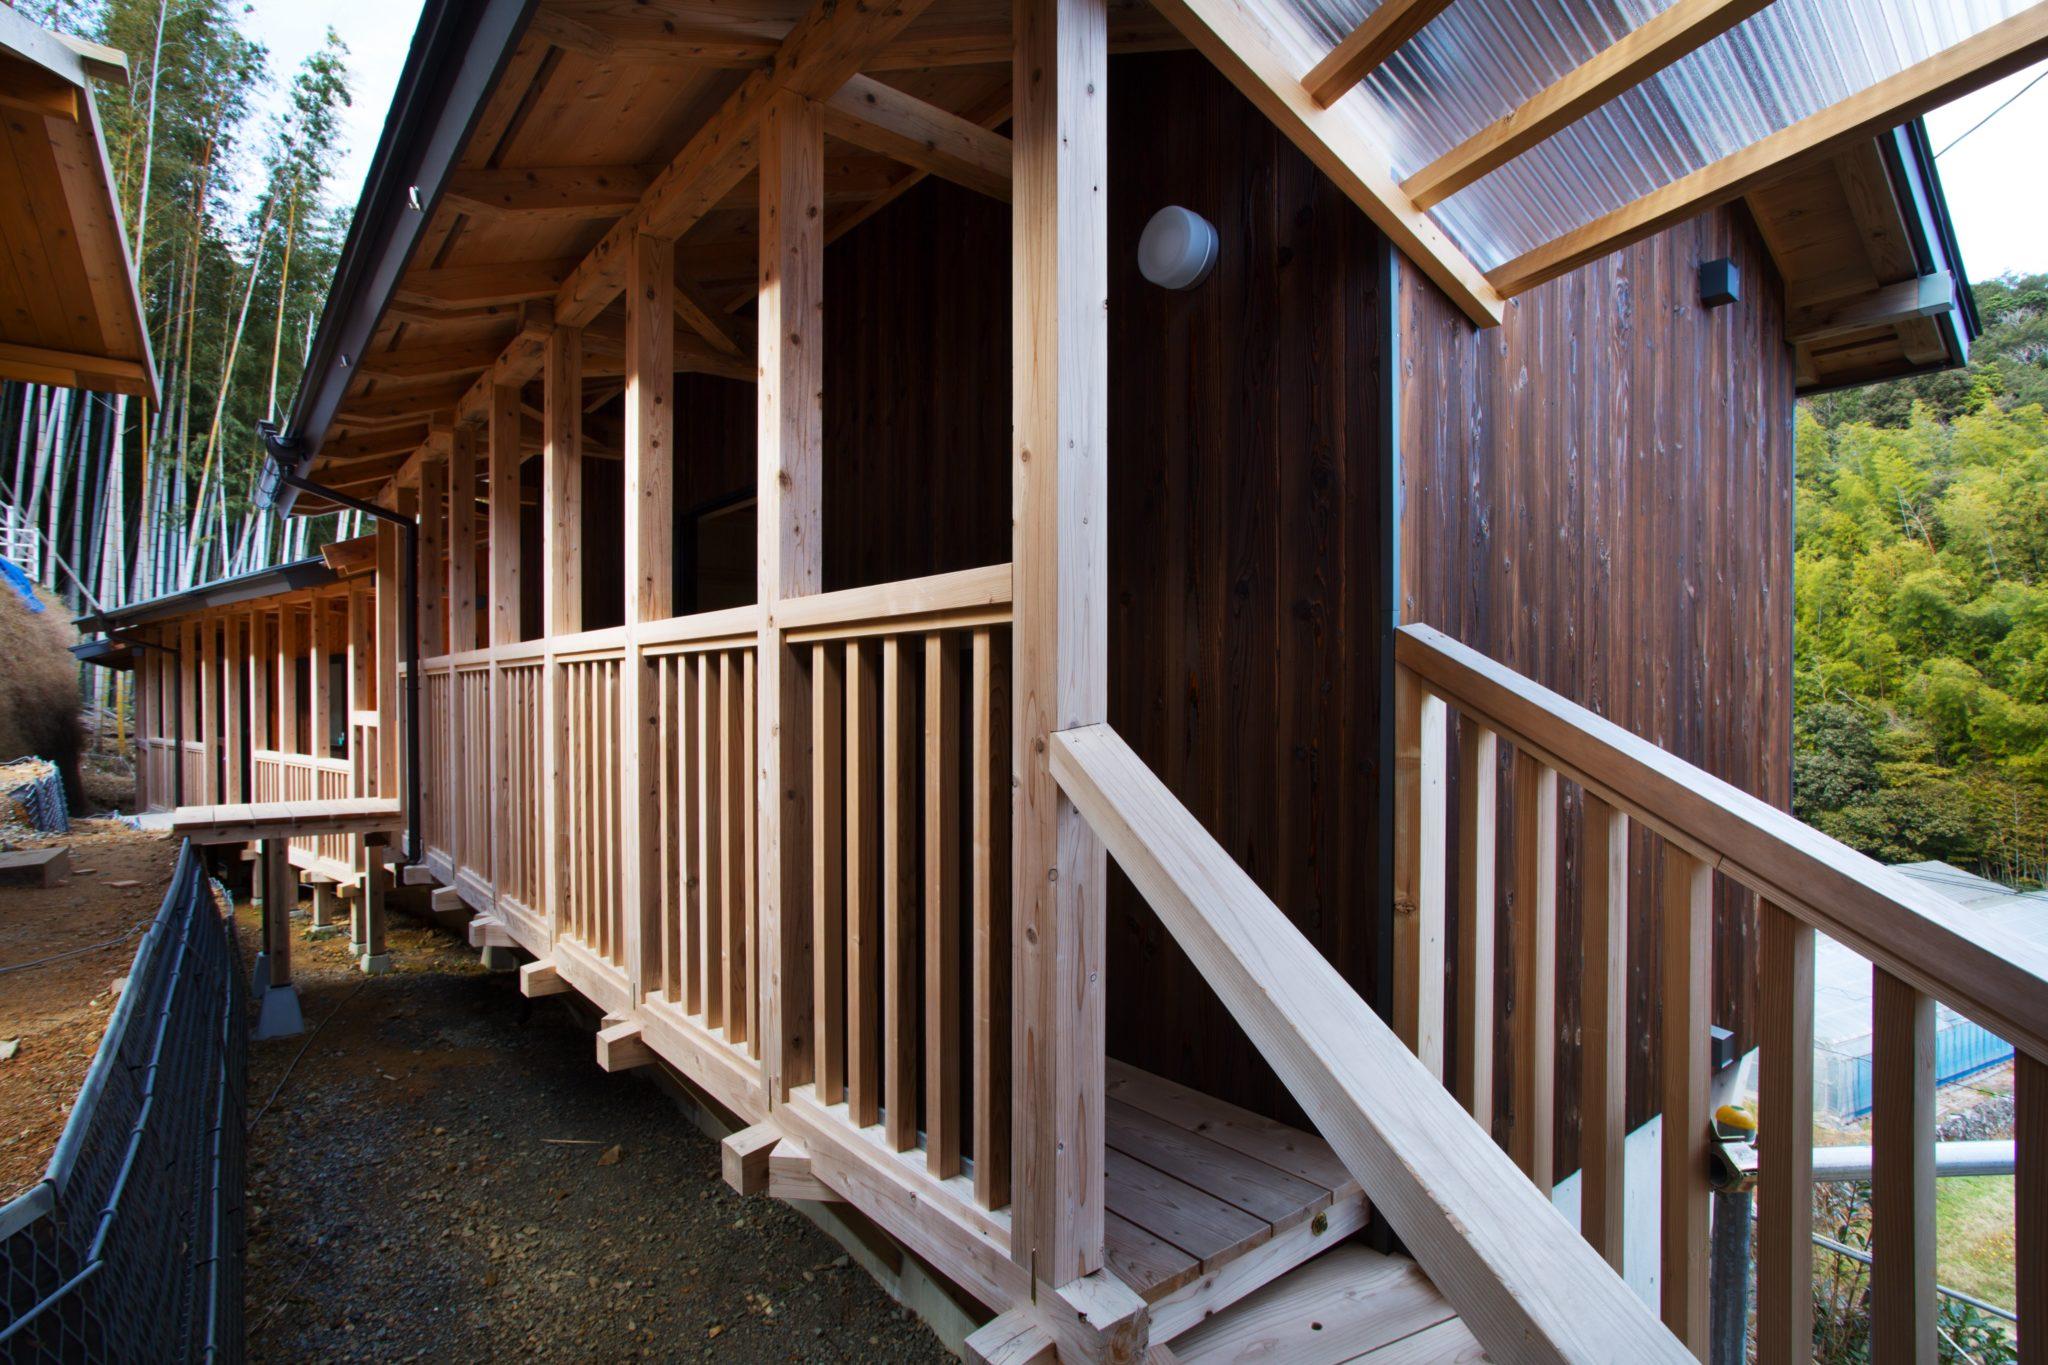 小さな土木工事 現状をあまり触らずに小さな木造建築を連ねています